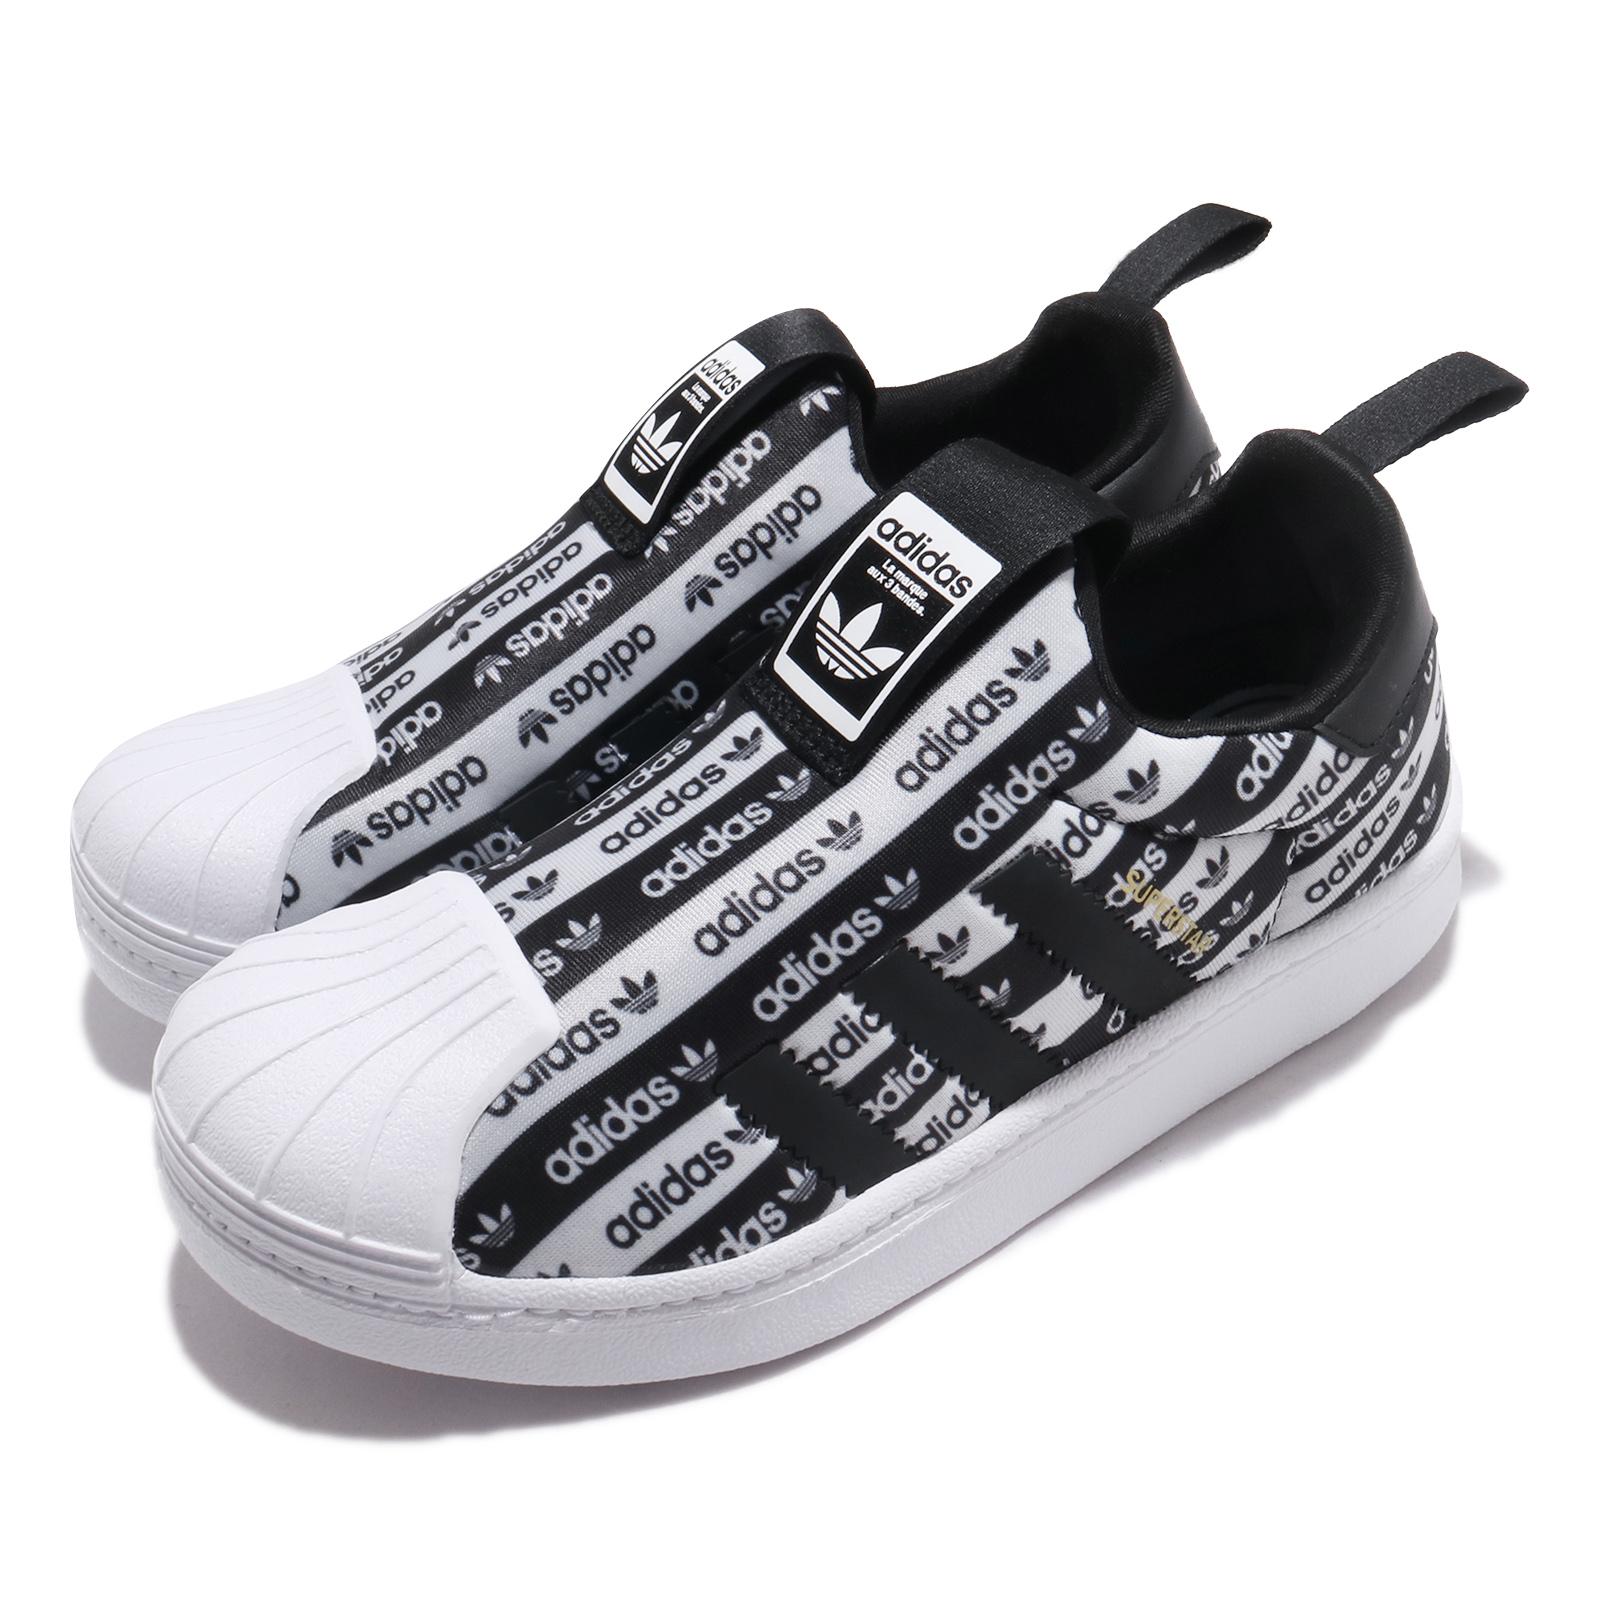 adidas 休閒鞋 Superstar 360 C 襪套式 童鞋 愛迪達 三葉草 貝殼頭 滿版logo 中童 黑 白 EF6644 EF6644